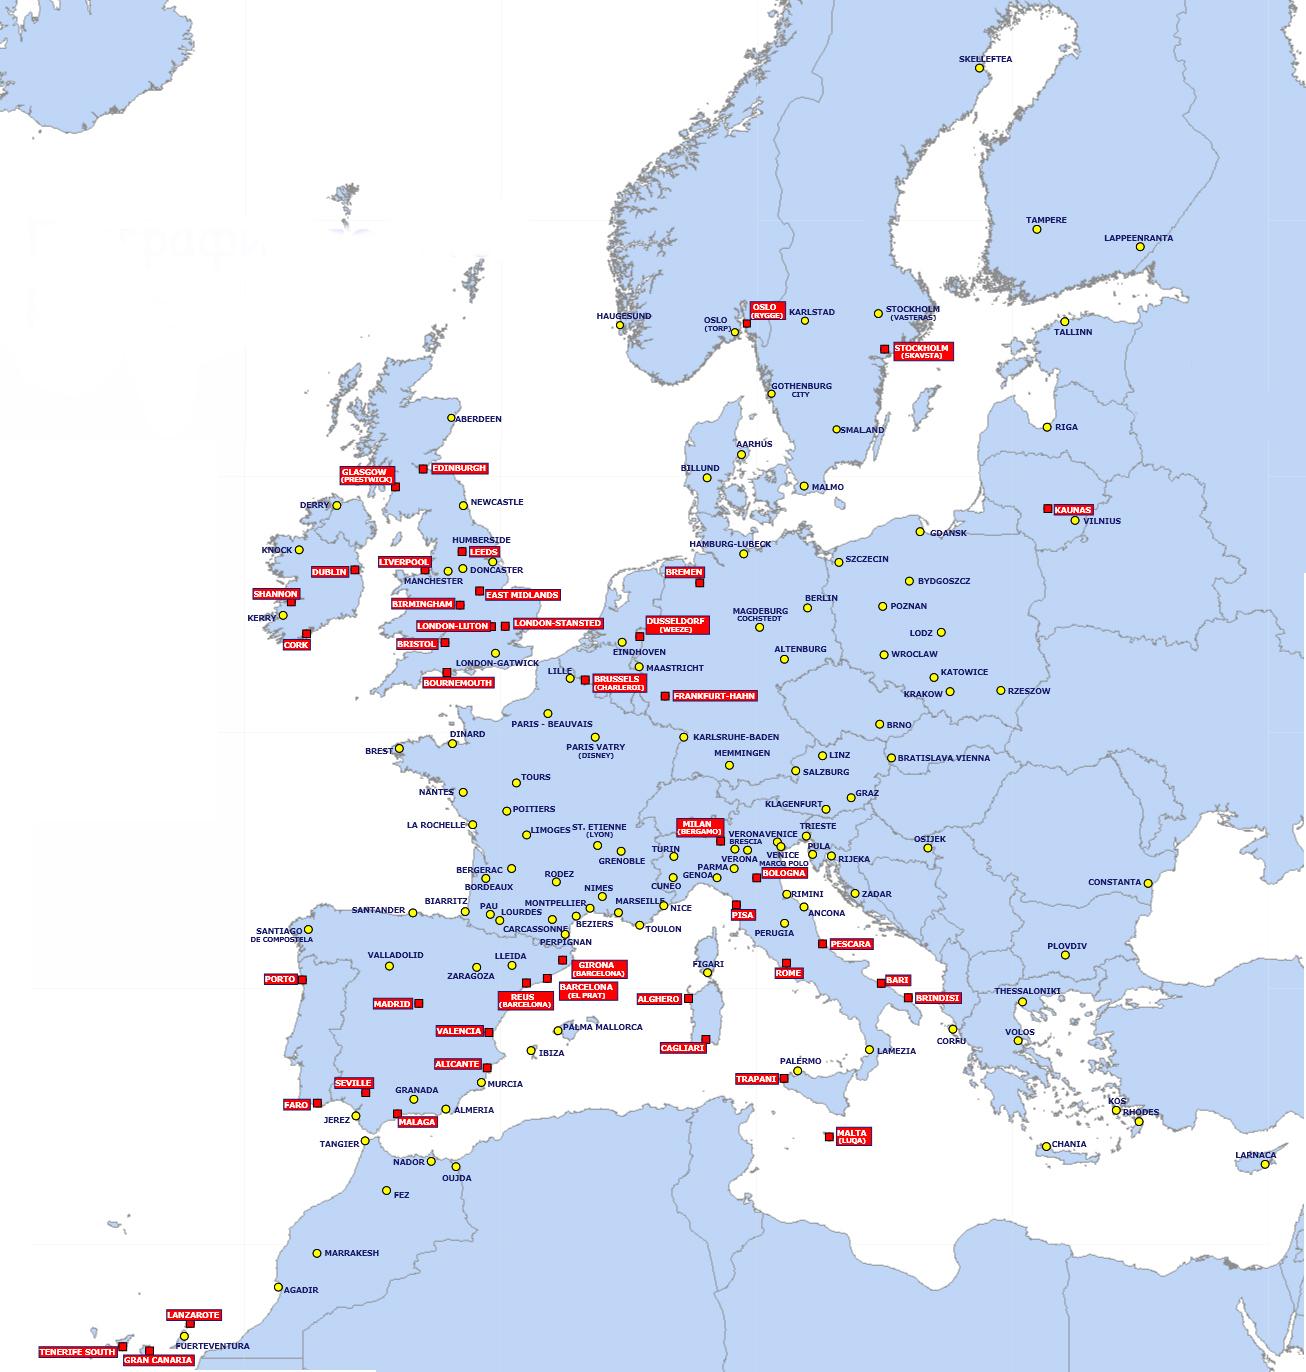 Дешево летать в Европе. Карта полетов Ryanair.